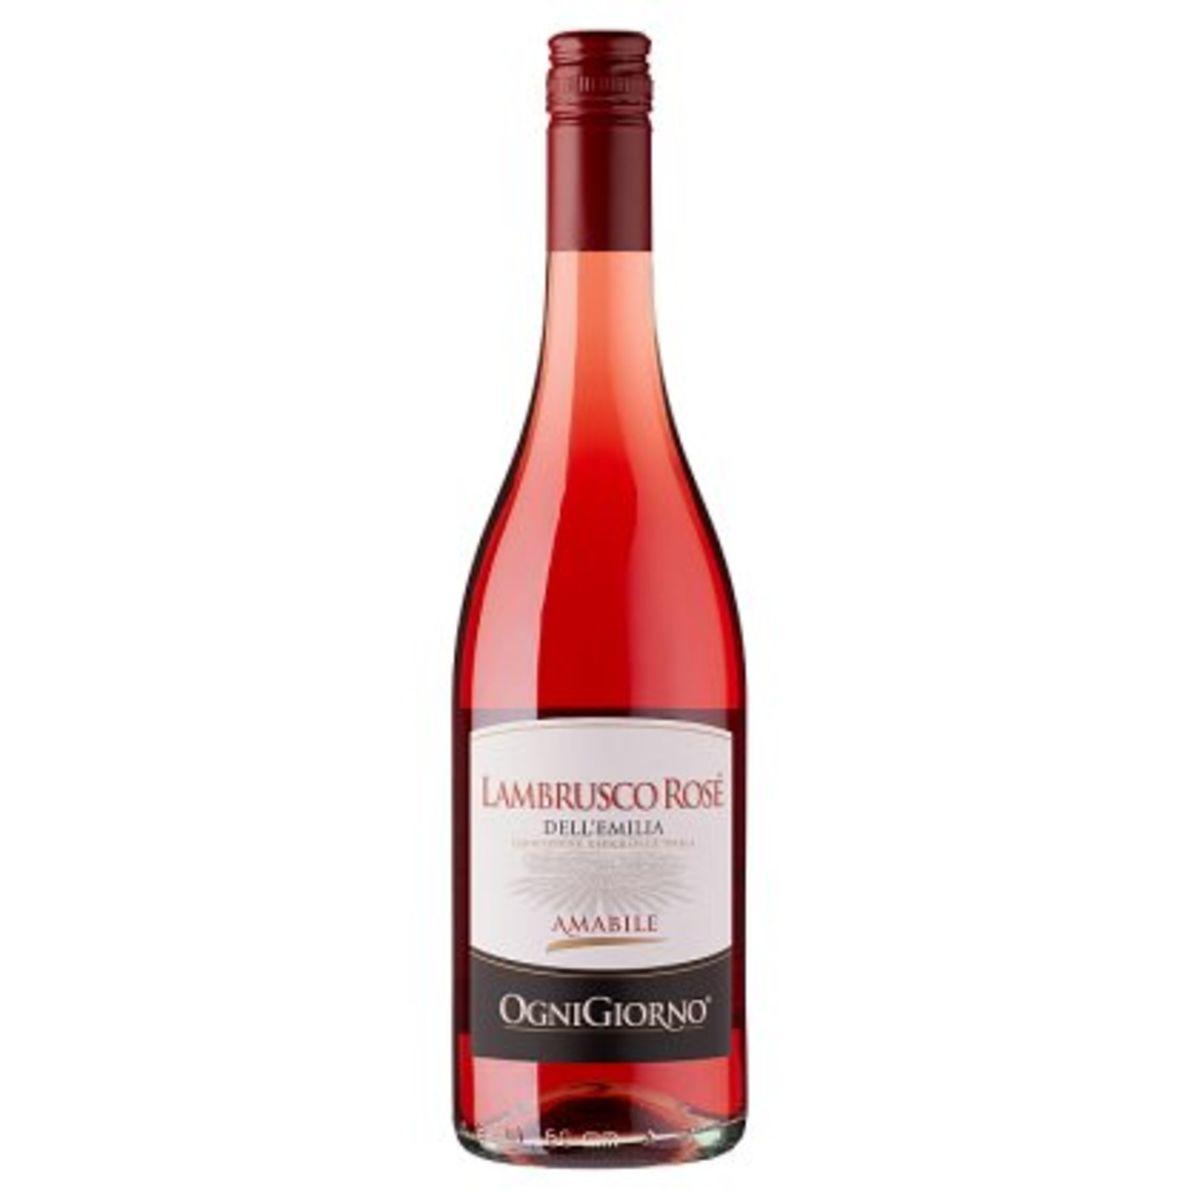 Ognigiorno Lambrusco Rosé dell'Emilia Amabile 750 ml